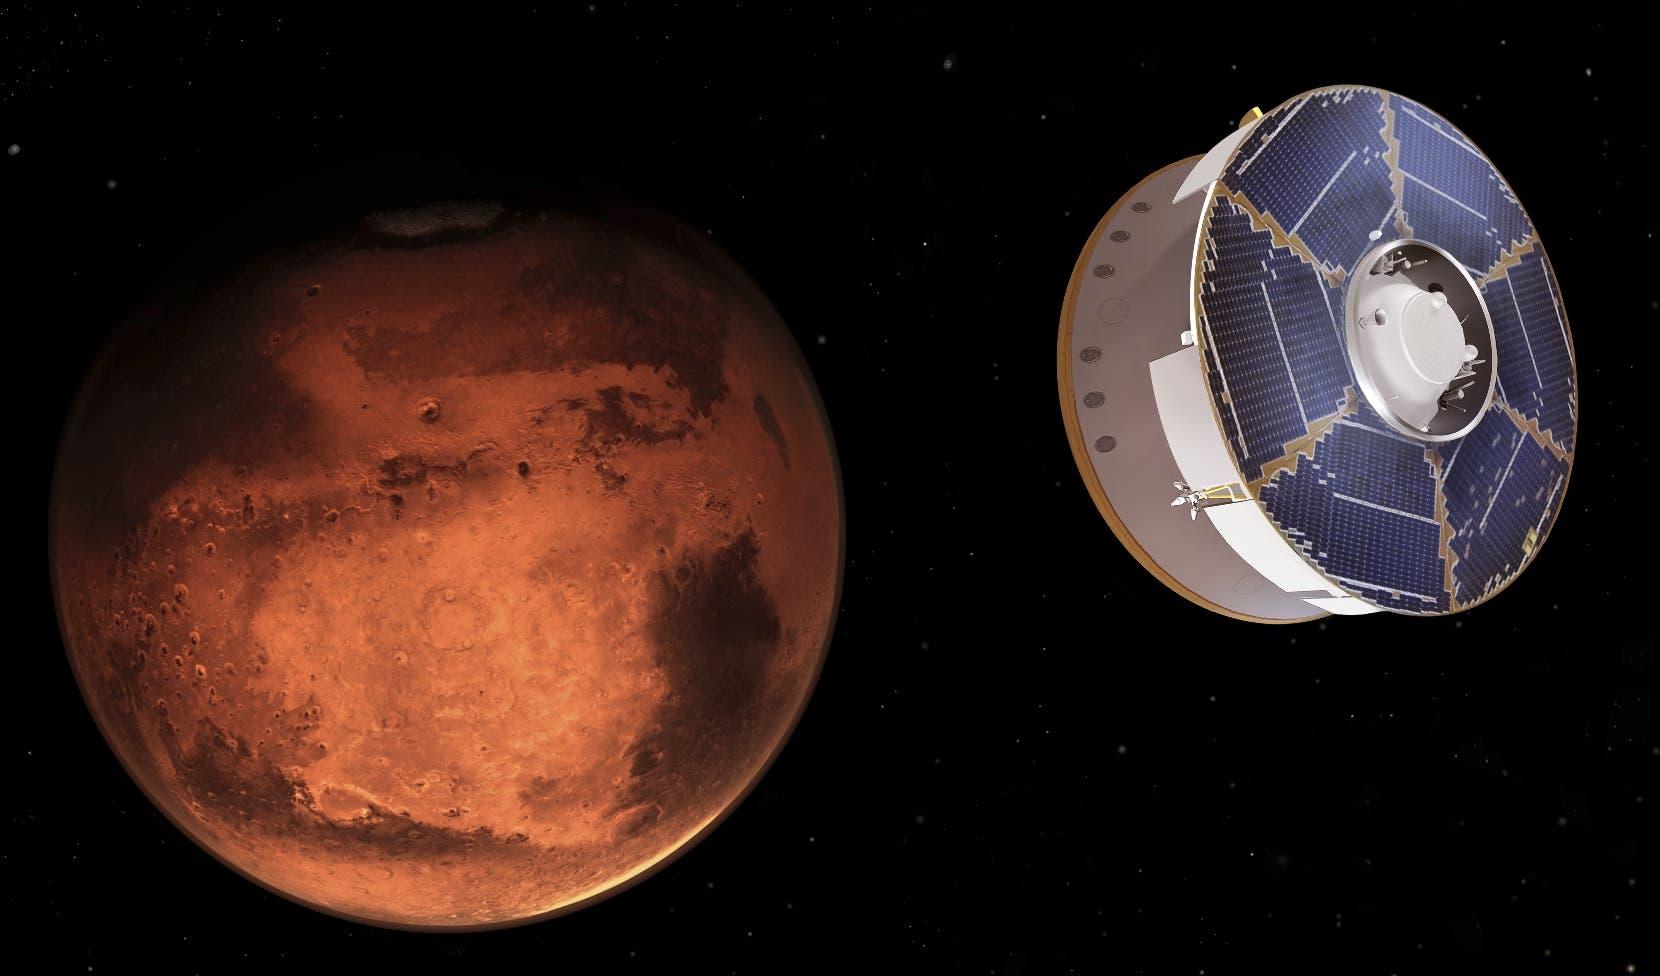 El vehículo Perseverance llega con éxito a  planeta Marte